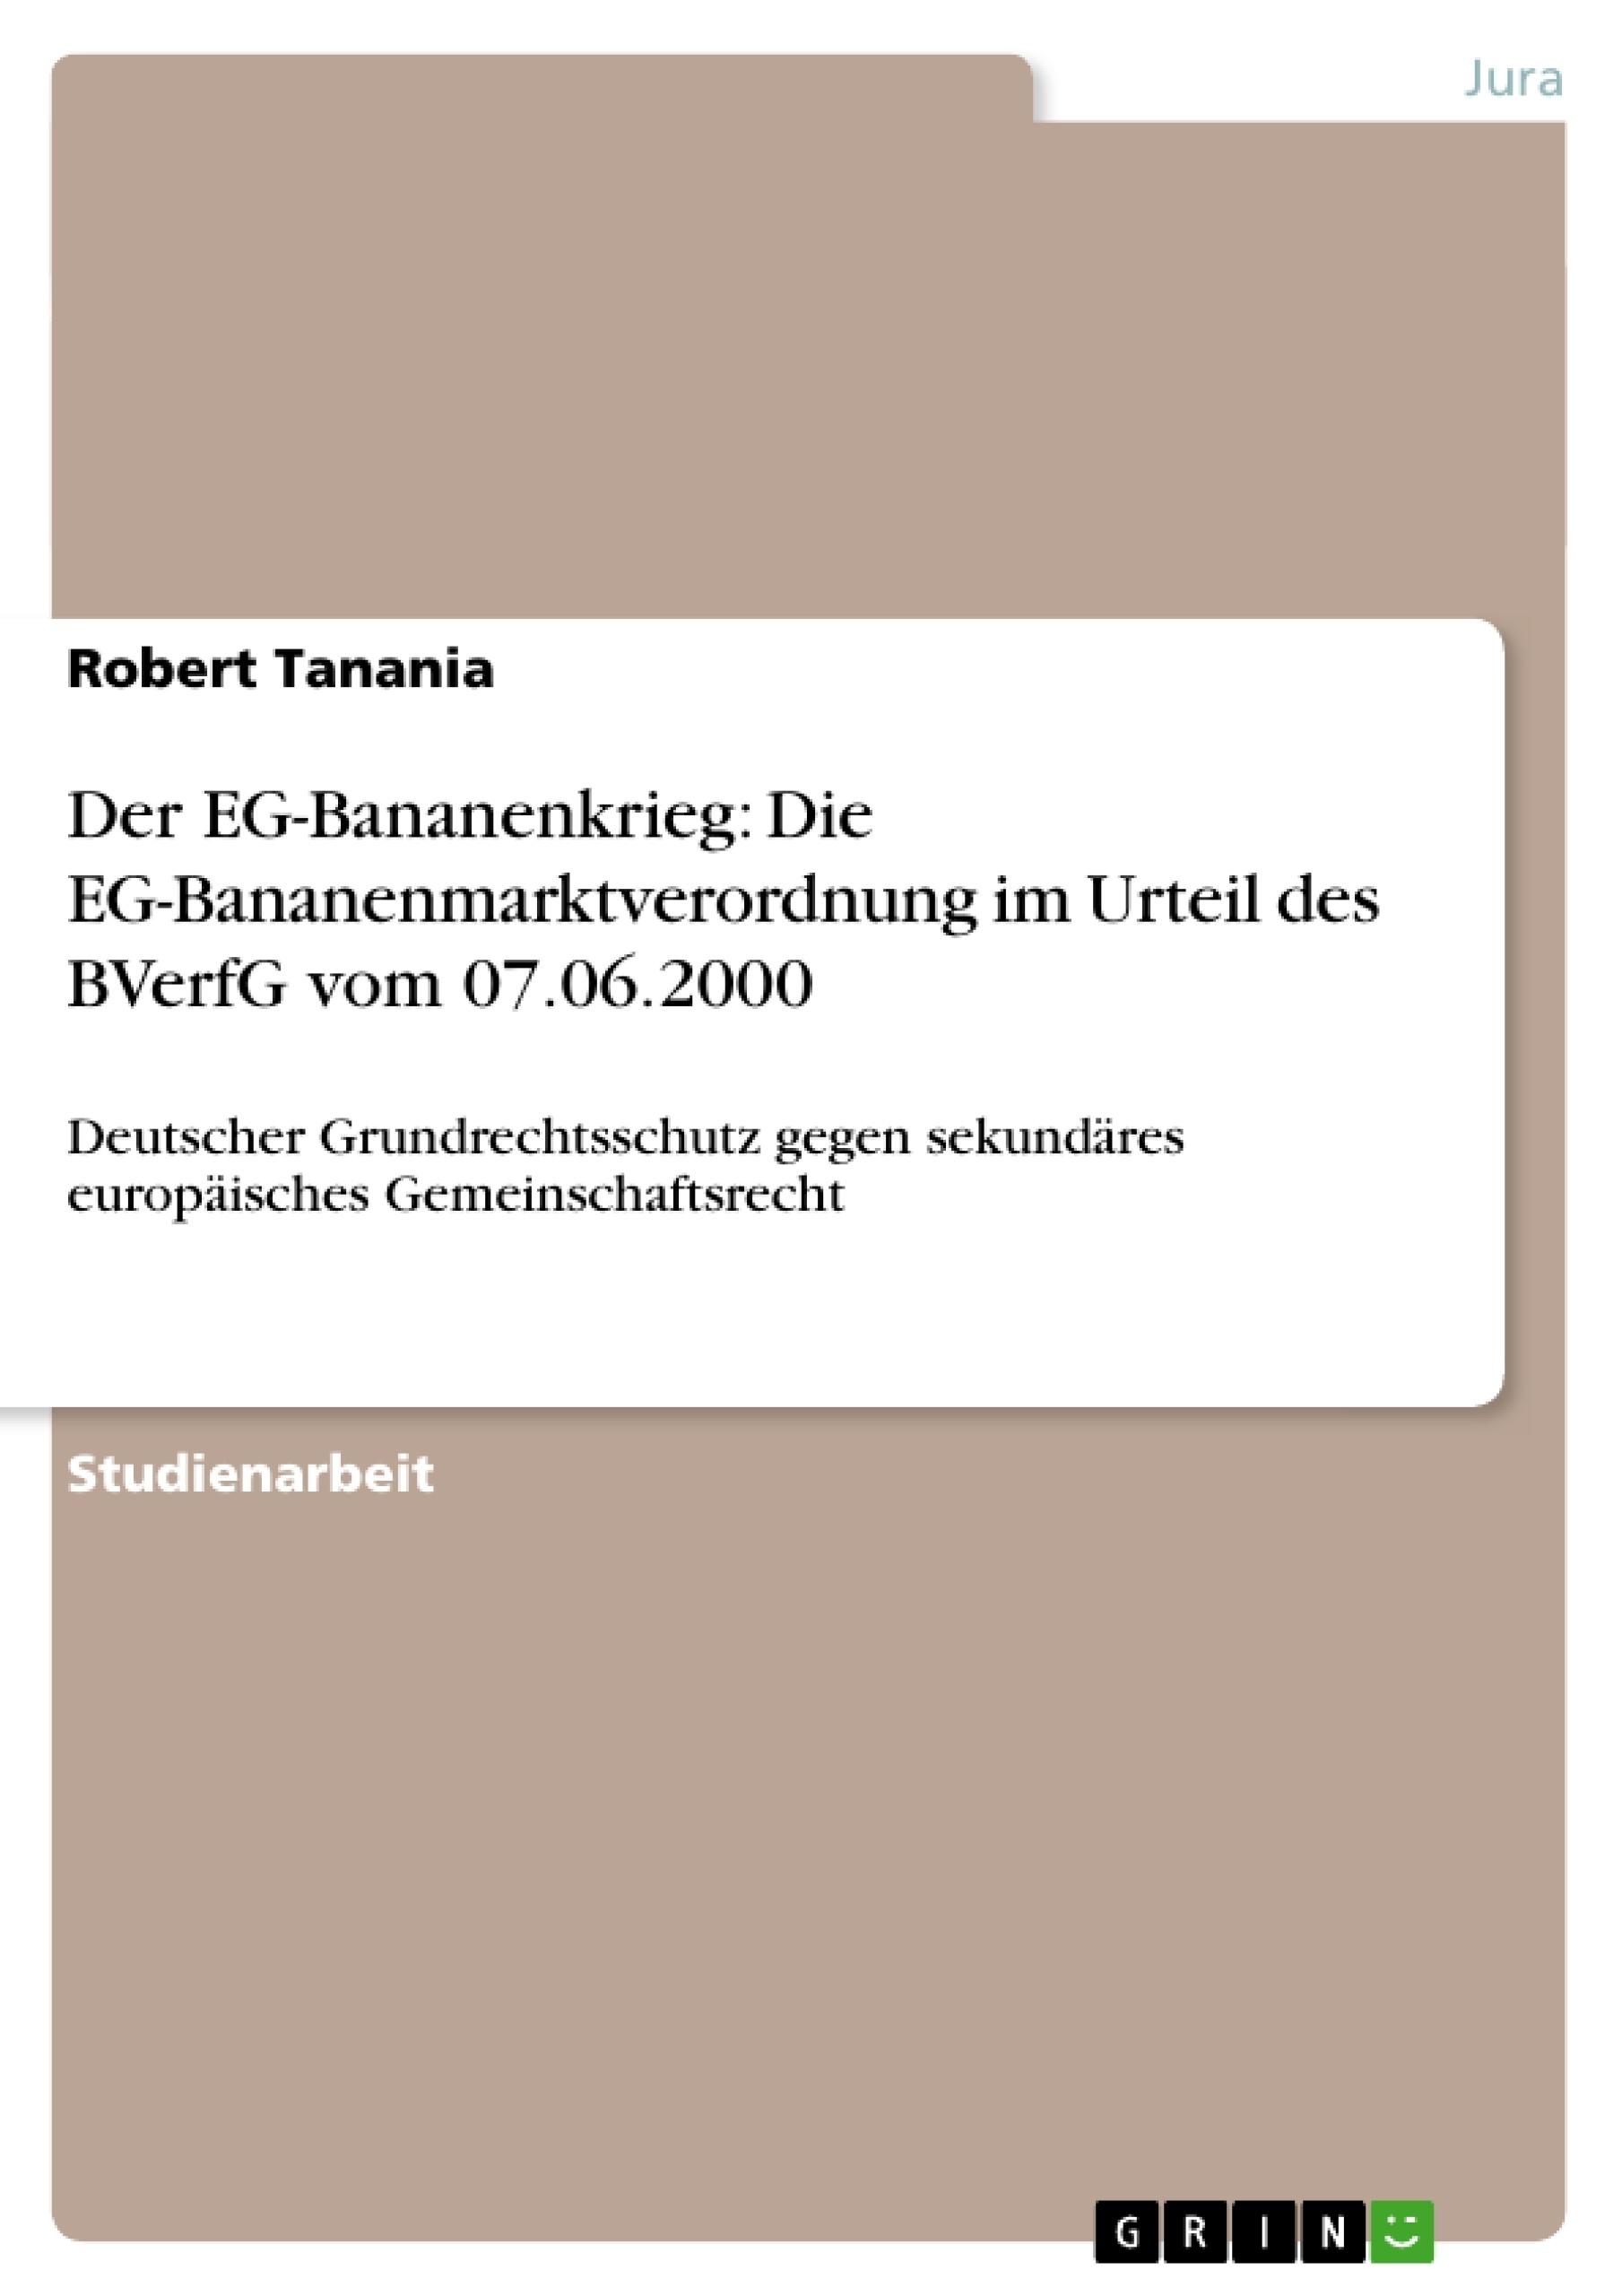 Titel: Der EG-Bananenkrieg: Die EG-Bananenmarktverordnung im Urteil des BVerfG vom 07.06.2000